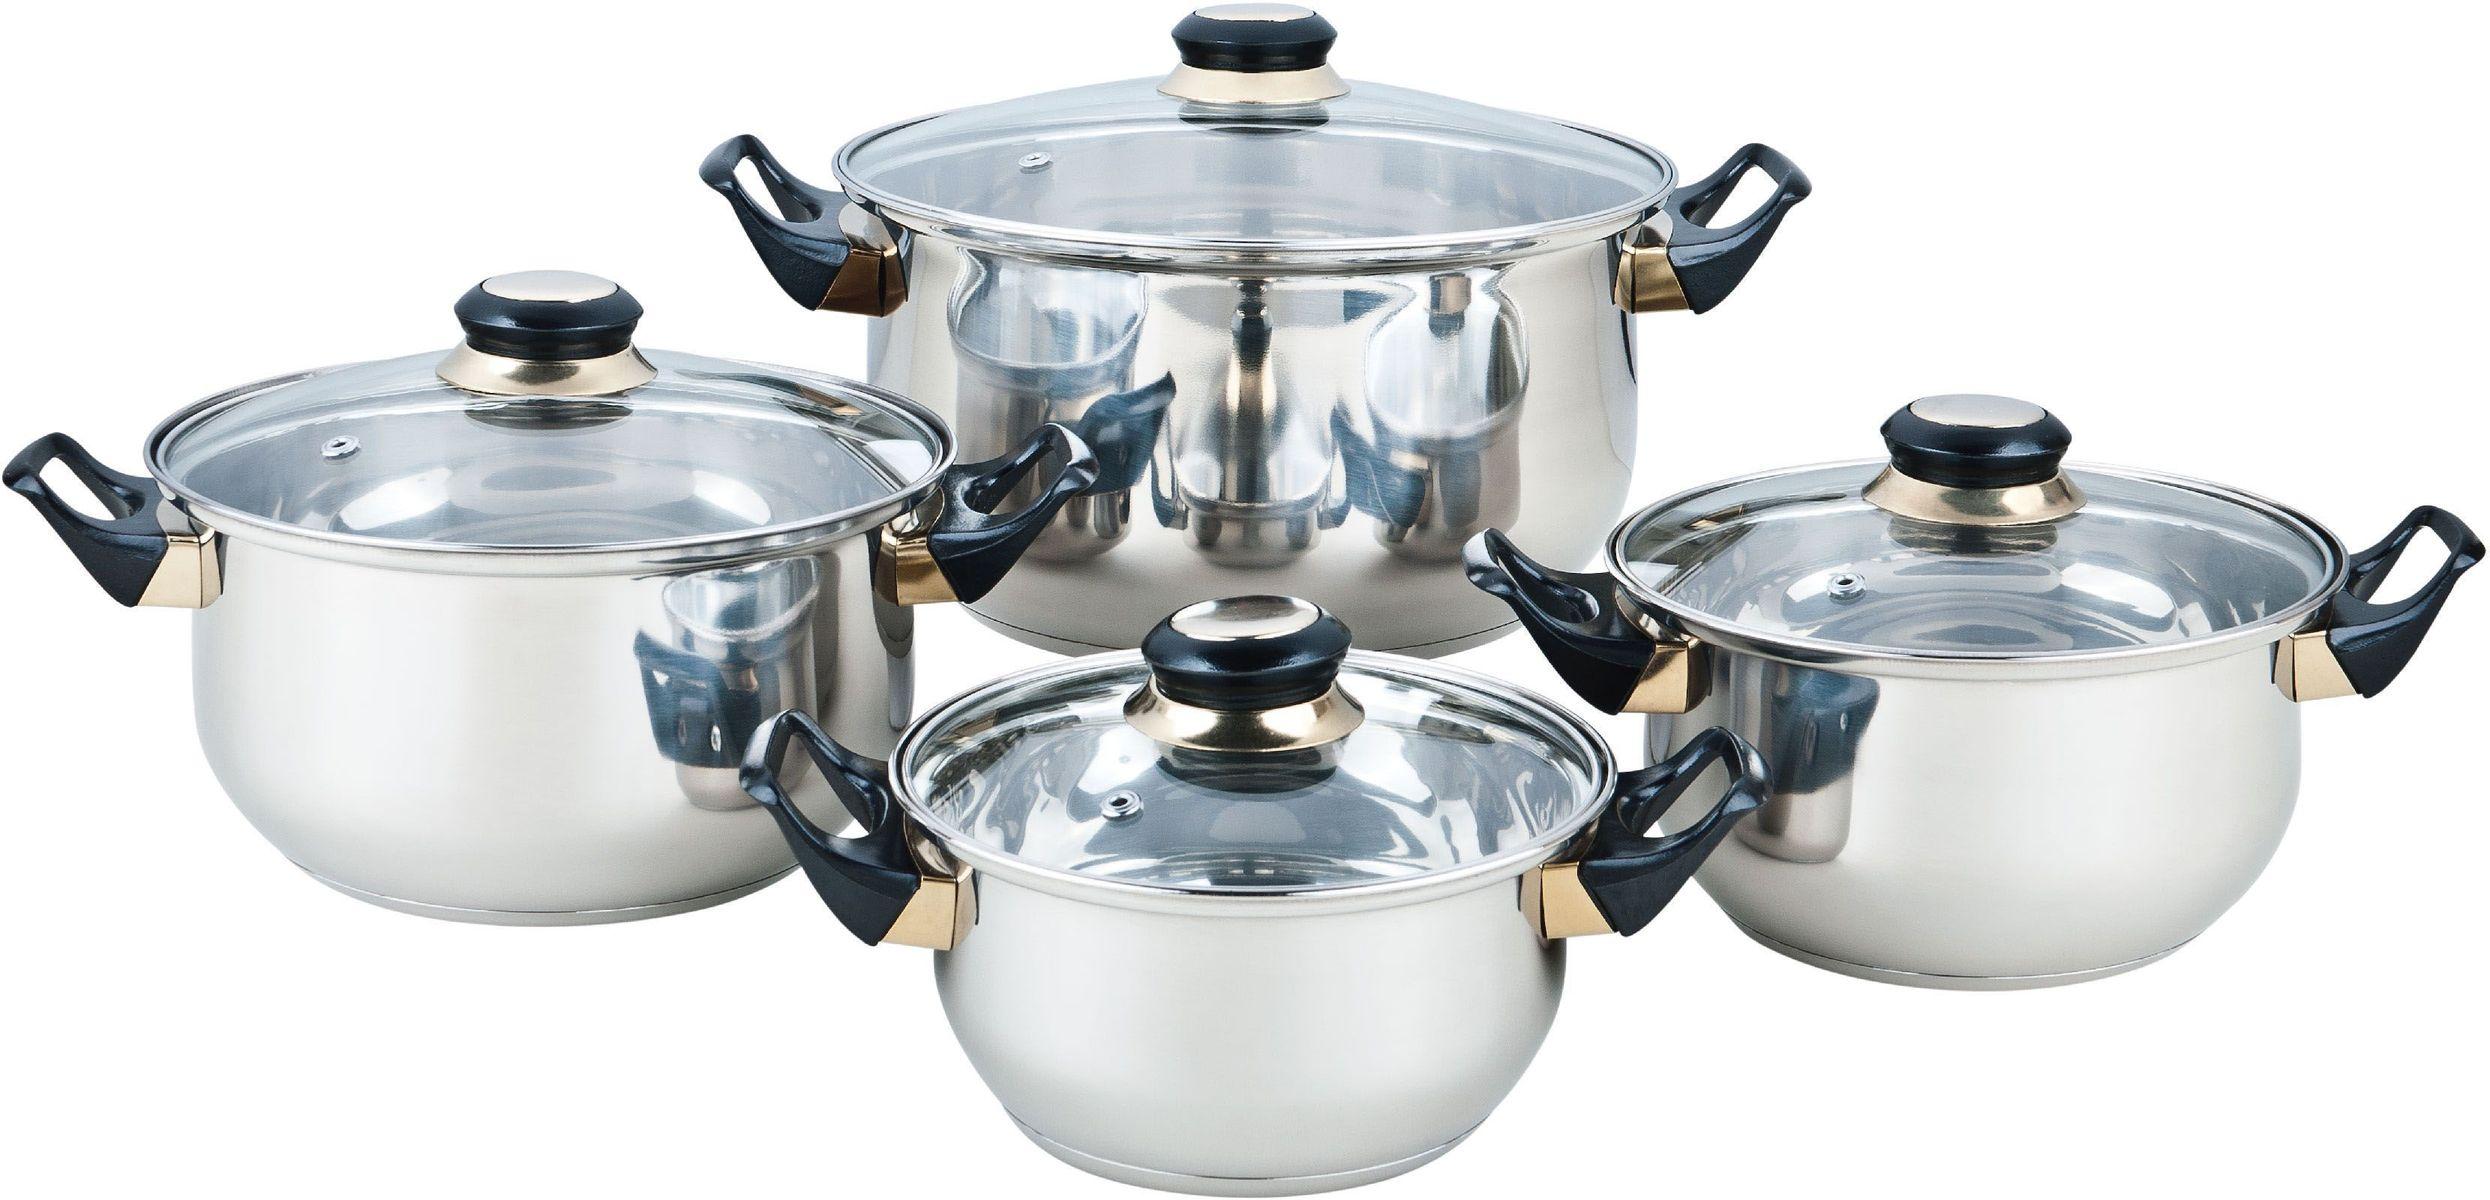 Набор посуды Bekker Classic, 8 предметов. BK-4602BK-4602Набор Bekker Classic состоит из 4 кастрюль с крышками. Изделия изготовлены из высококачественной нержавеющей стали 18/10 с зеркальной полировкой. Посуда имеет капсулированное термическое дно - совершенно новая разработка, позволяющая приготавливать здоровую пищу. Благодаря уникальной конструкции дна, тепло, проходя через металл, равномерно распределяется по стенкам посуды. Для приготовления пищи в такой посуде требуется минимальное количество масла, тем самым уменьшается риск потери витаминов и минералов в процессе термообработки продуктов. Крышки выполнены из жаростойкого прозрачного стекла, оснащены ручкой, металлическим ободом и отверстием для выпуска пара. Такие крышки позволяют следить за процессом приготовления пищи без потери тепла. Они плотно прилегают к краю и сохраняют аромат блюд. Объем кастрюль: 1,5 л, 2,1 л, 3 л, 6 л.Внутренний диаметр кастрюль: 16 см, 18 см, 20 см, 24 см.